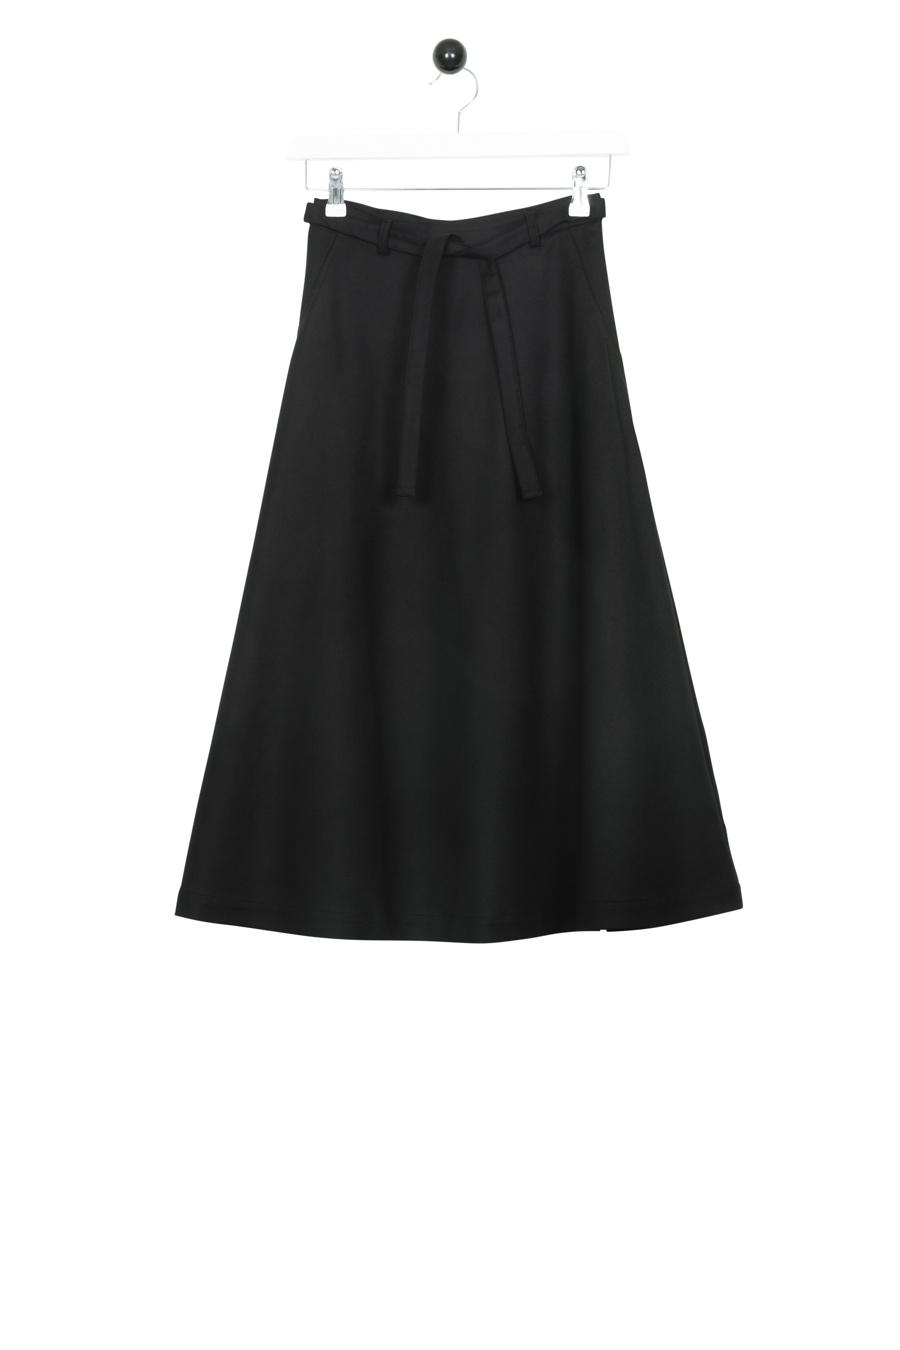 Peppar Skirt